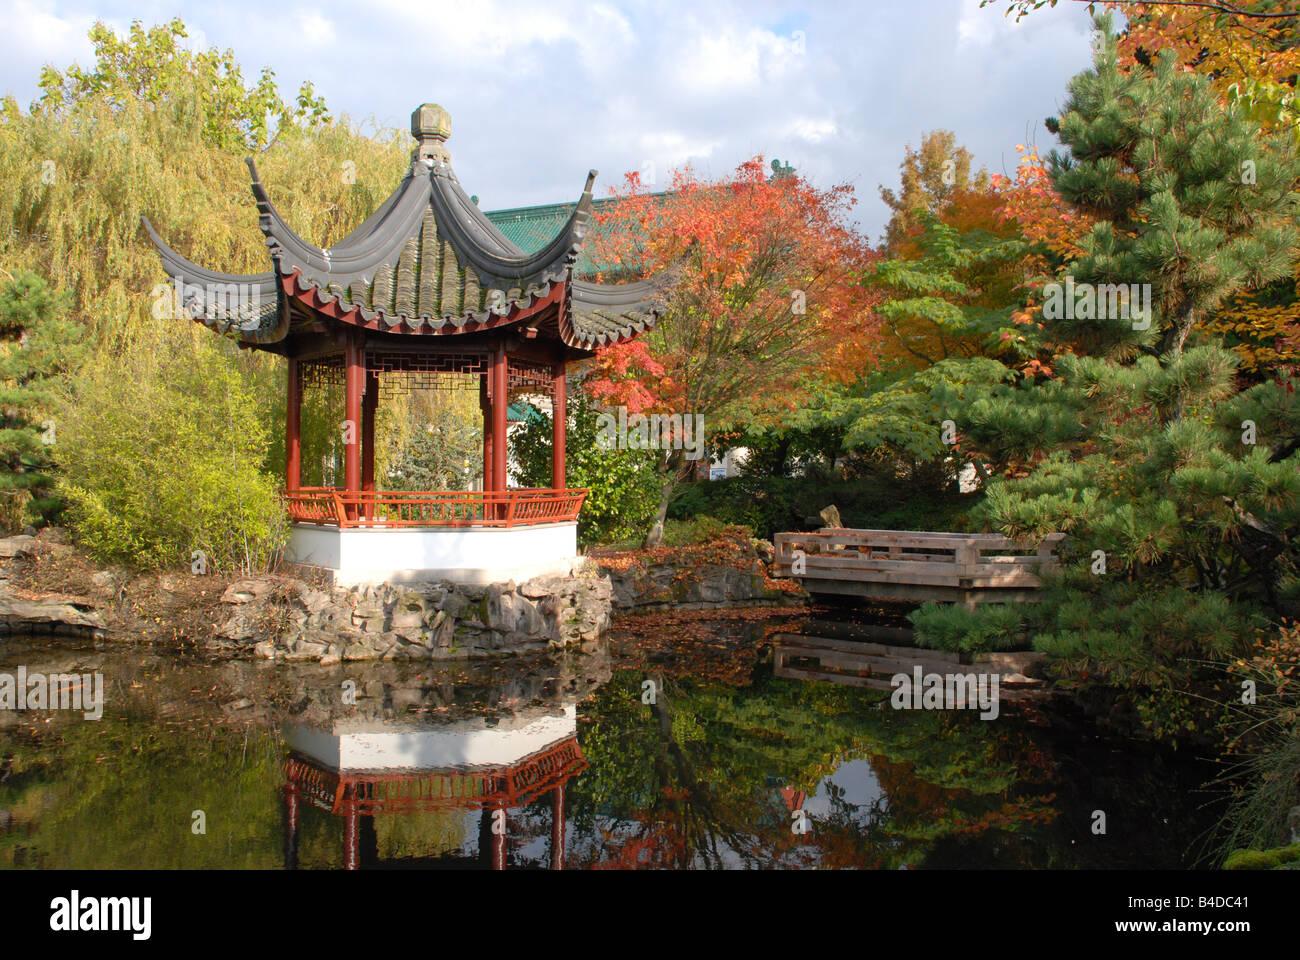 Dr Sun Yat Sen Classical Gardens Stock Photos & Dr Sun Yat Sen ...